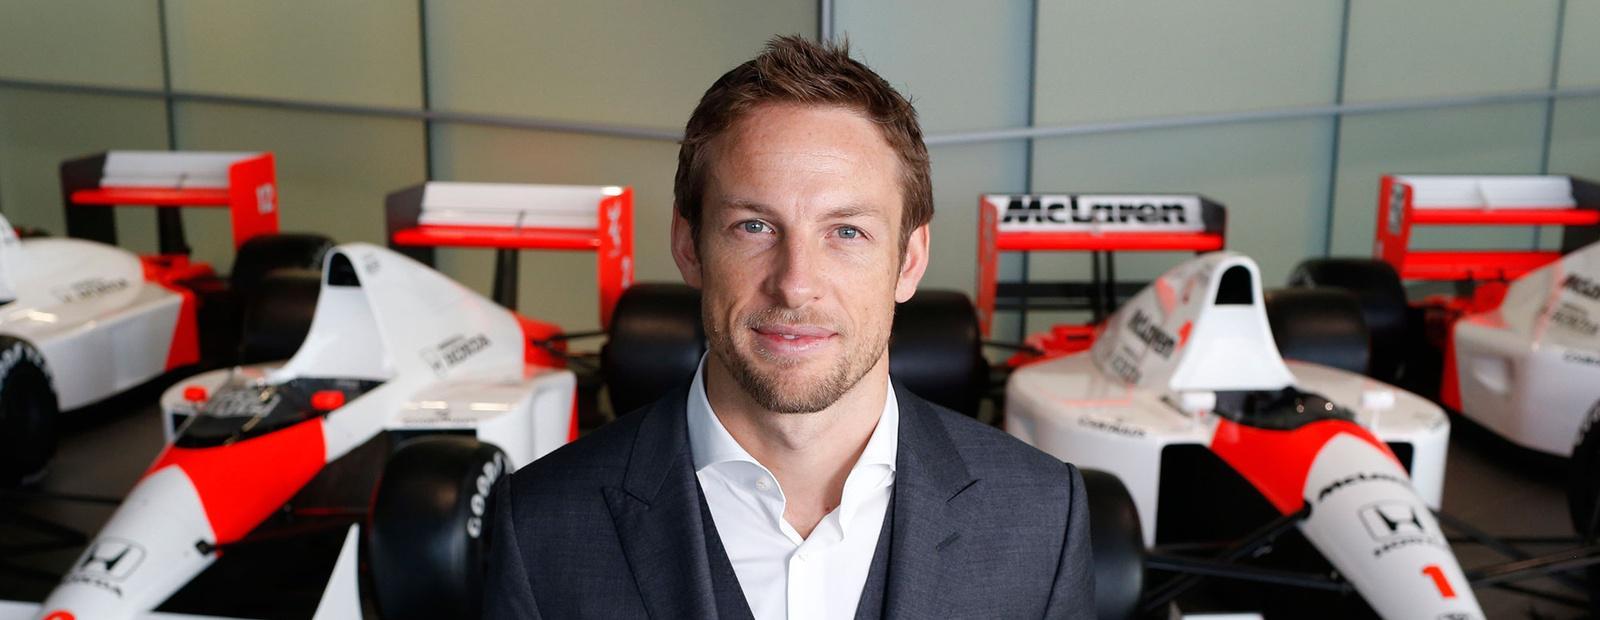 .@McLarenF1. @JensonButton testeará el MP4-30 los días 2 y miércoles 4 de febrero en @circuitodejerez, #España. #F1 http://t.co/Vj37wFP7k2